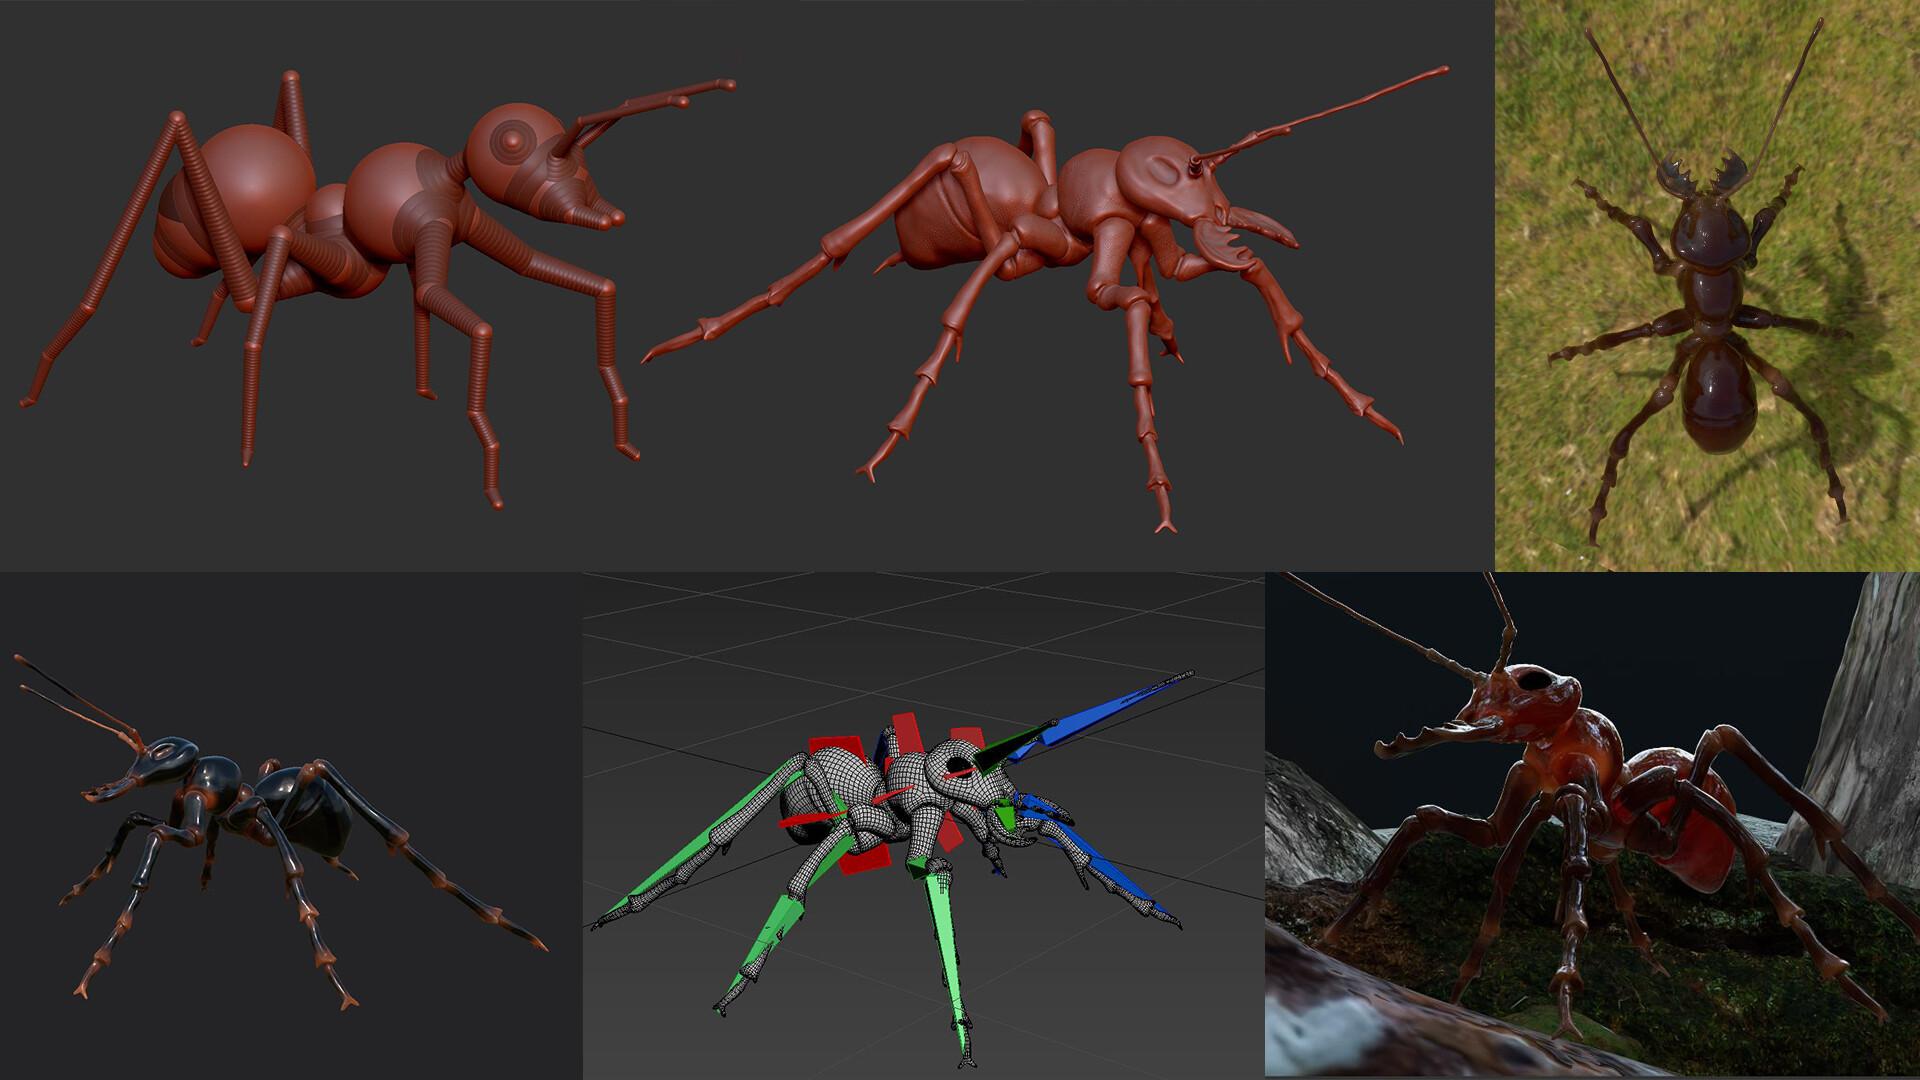 使用ZBrush制作蚂蚁模型-瑞云渲染